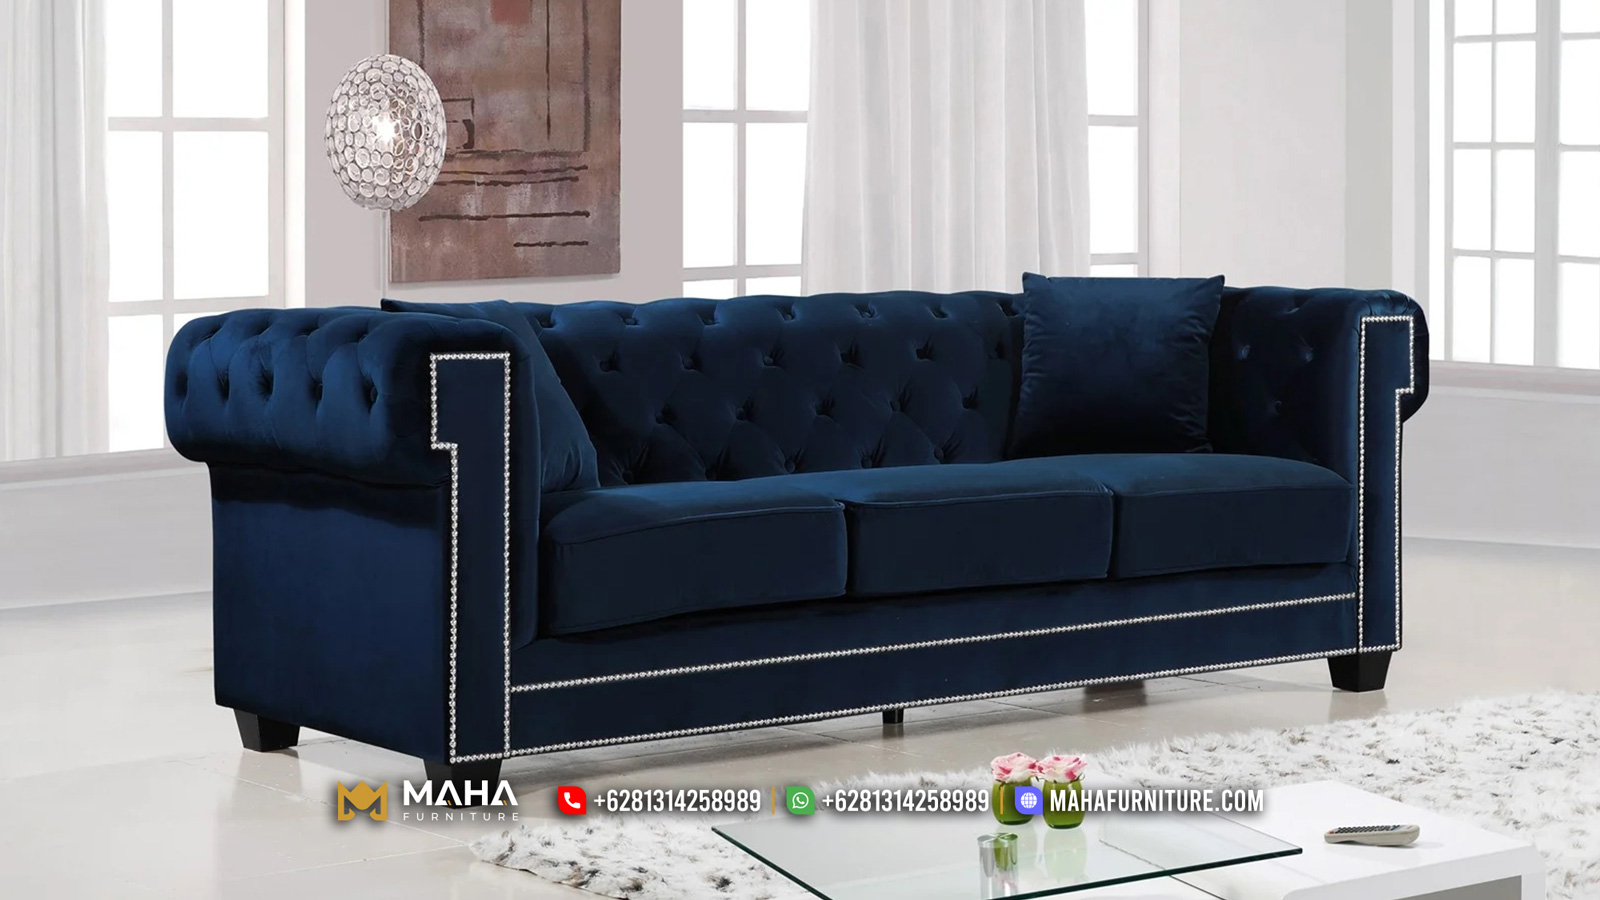 Sofa Tamu Minimalis Jepara Terbaru Chesterfield Blue Navy Luxury MF230